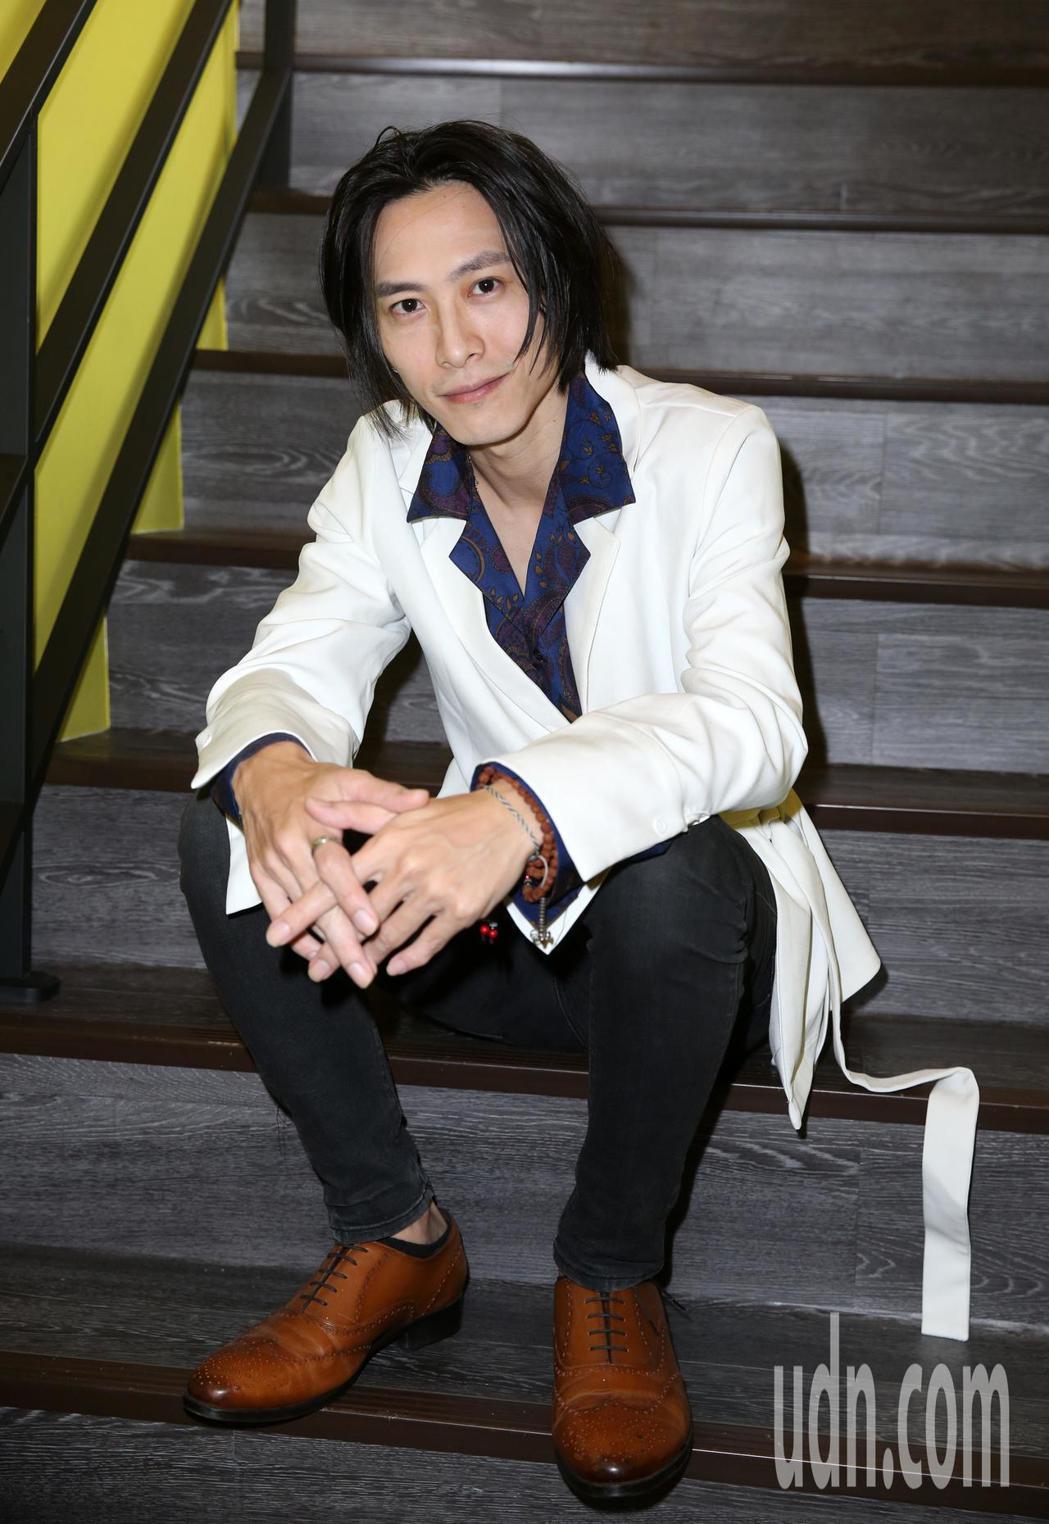 「彼岸之嫁」演員田士廣 。記者曾吉松/攝影